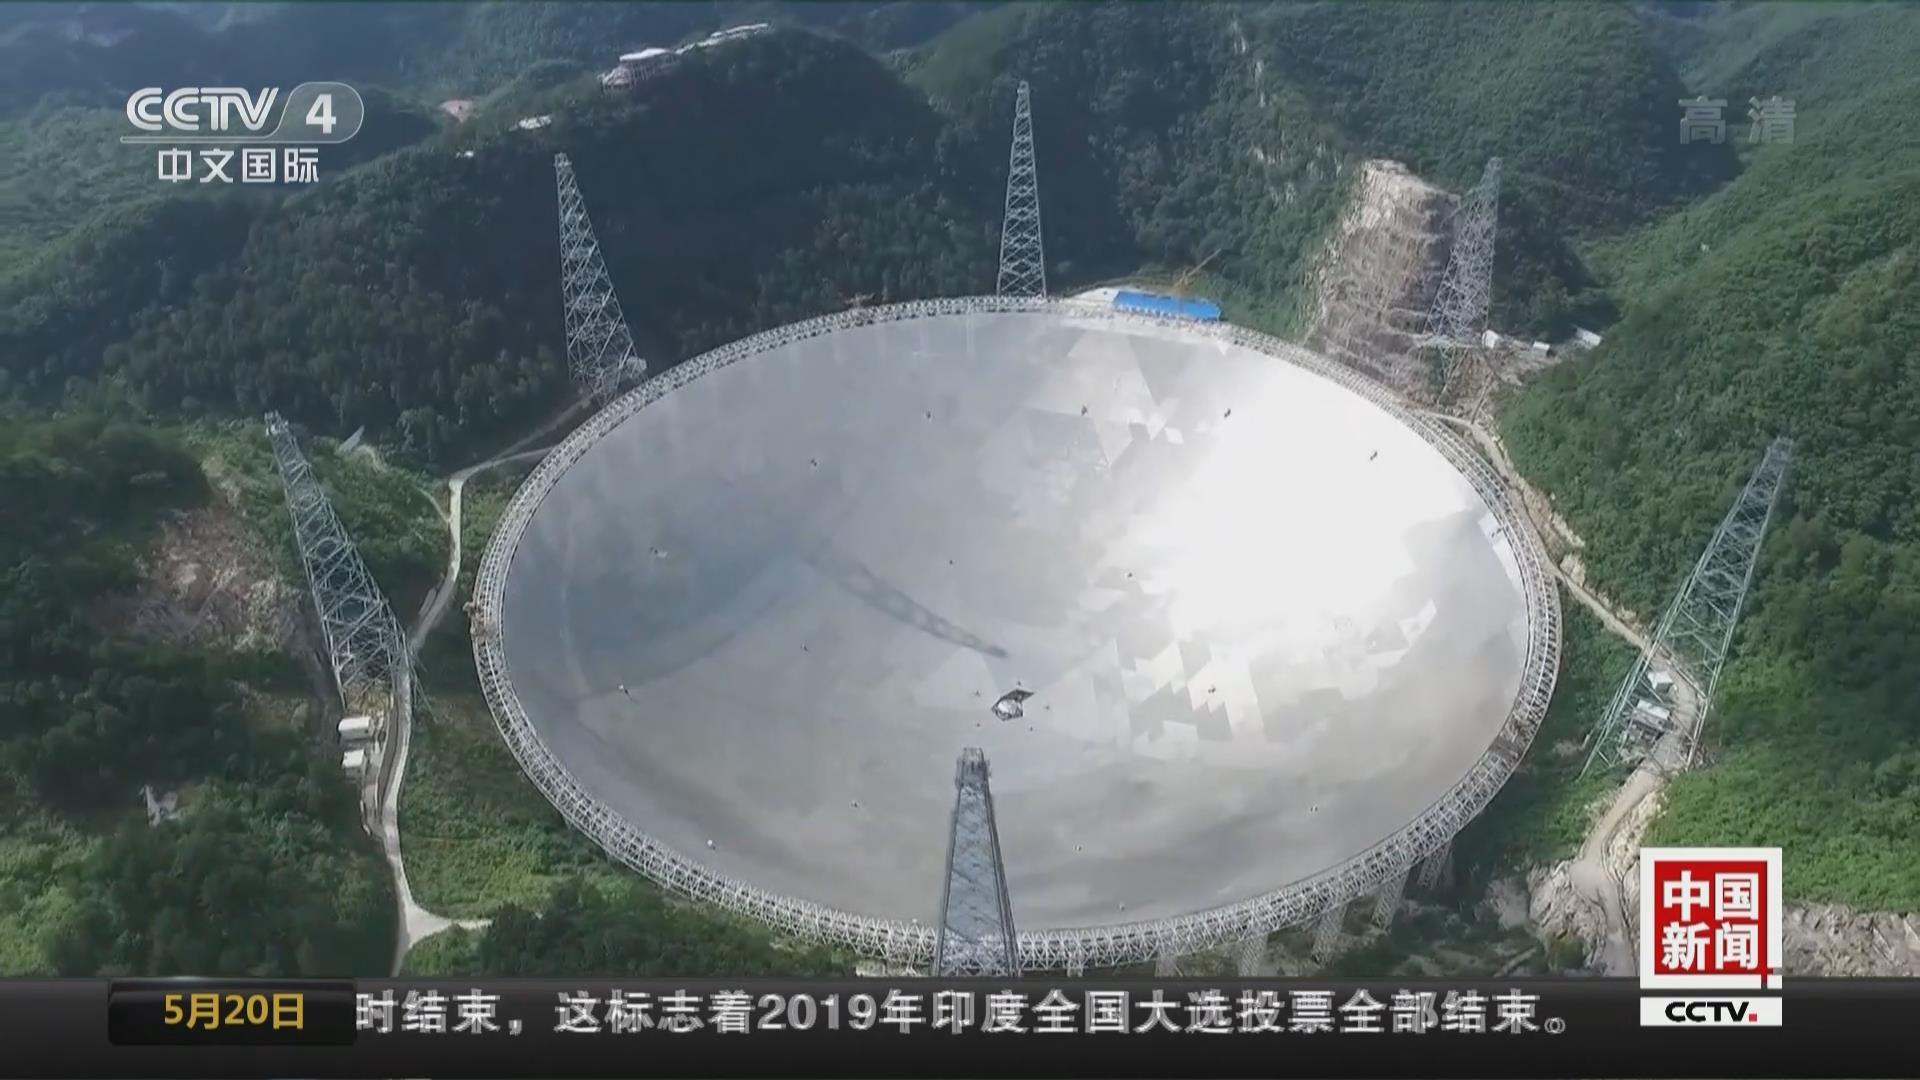 FAST完成工藝驗收 正式為天文學家提供服務